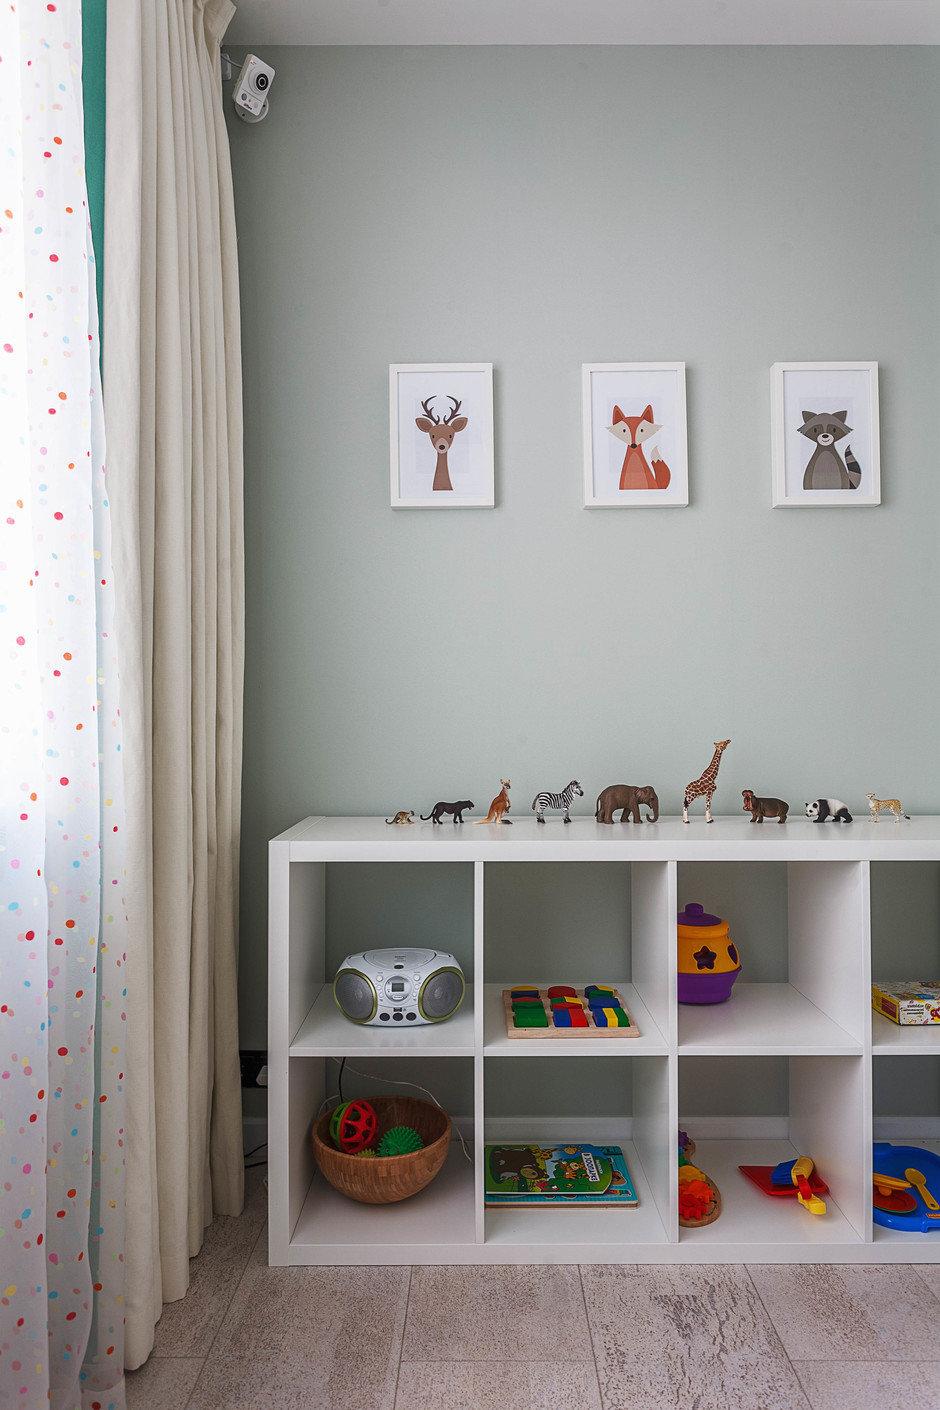 Фотография: Детская в стиле Современный, Квартира, Проект недели, Москва, ИКЕА, Мила Титова, П44т – фото на InMyRoom.ru